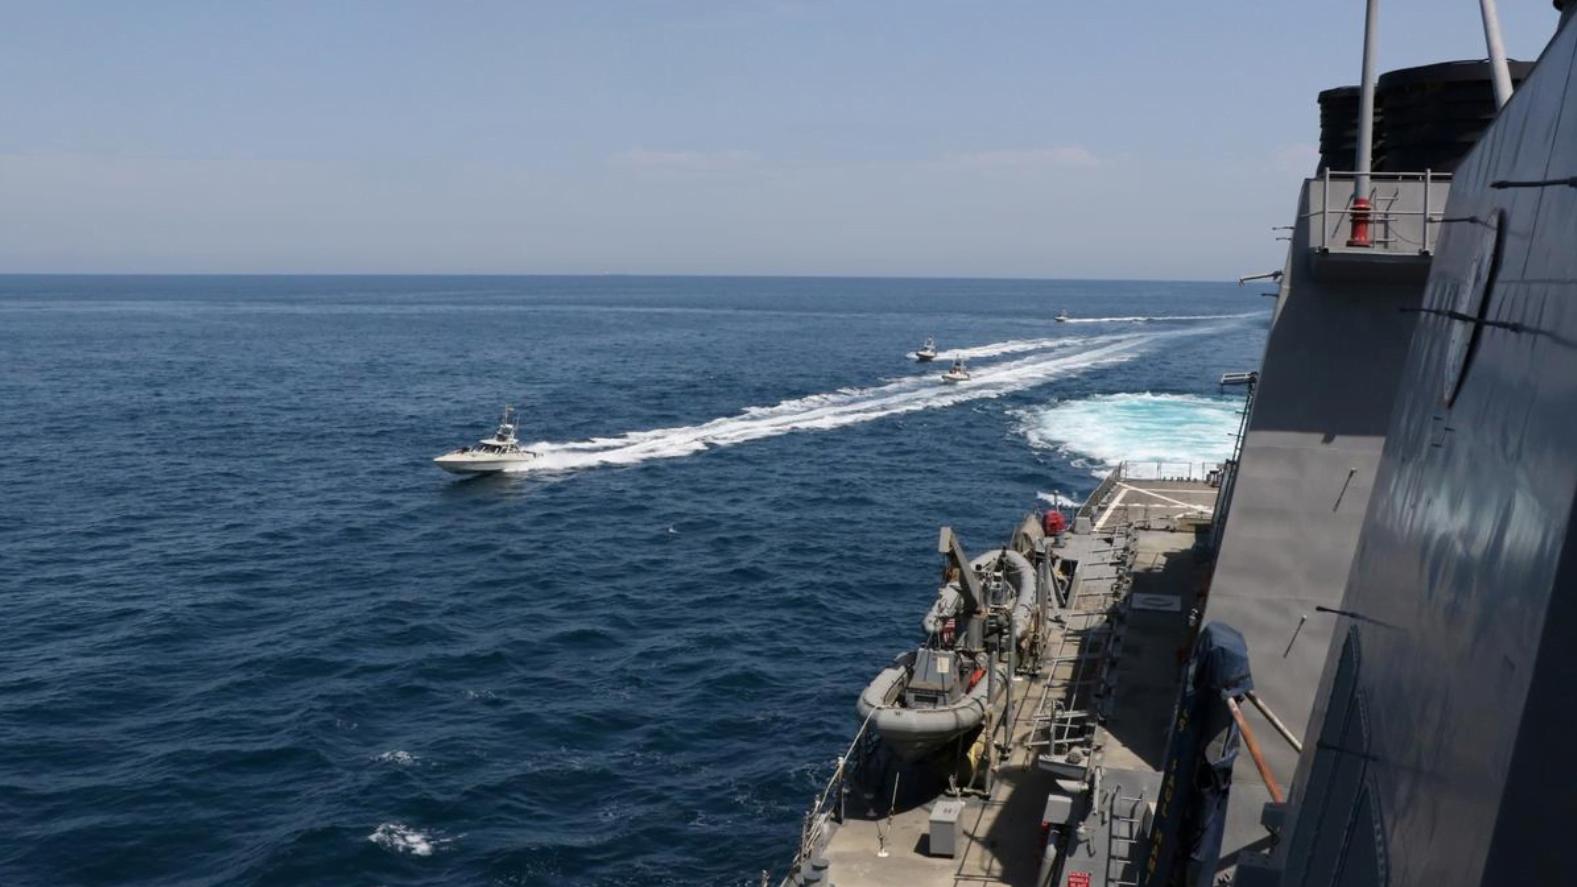 Το Ιράν διαμηνύει στις ΗΠΑ ότι θα συνεχίσει τις επιχειρήσεις του στον Περσικό Κόλπο